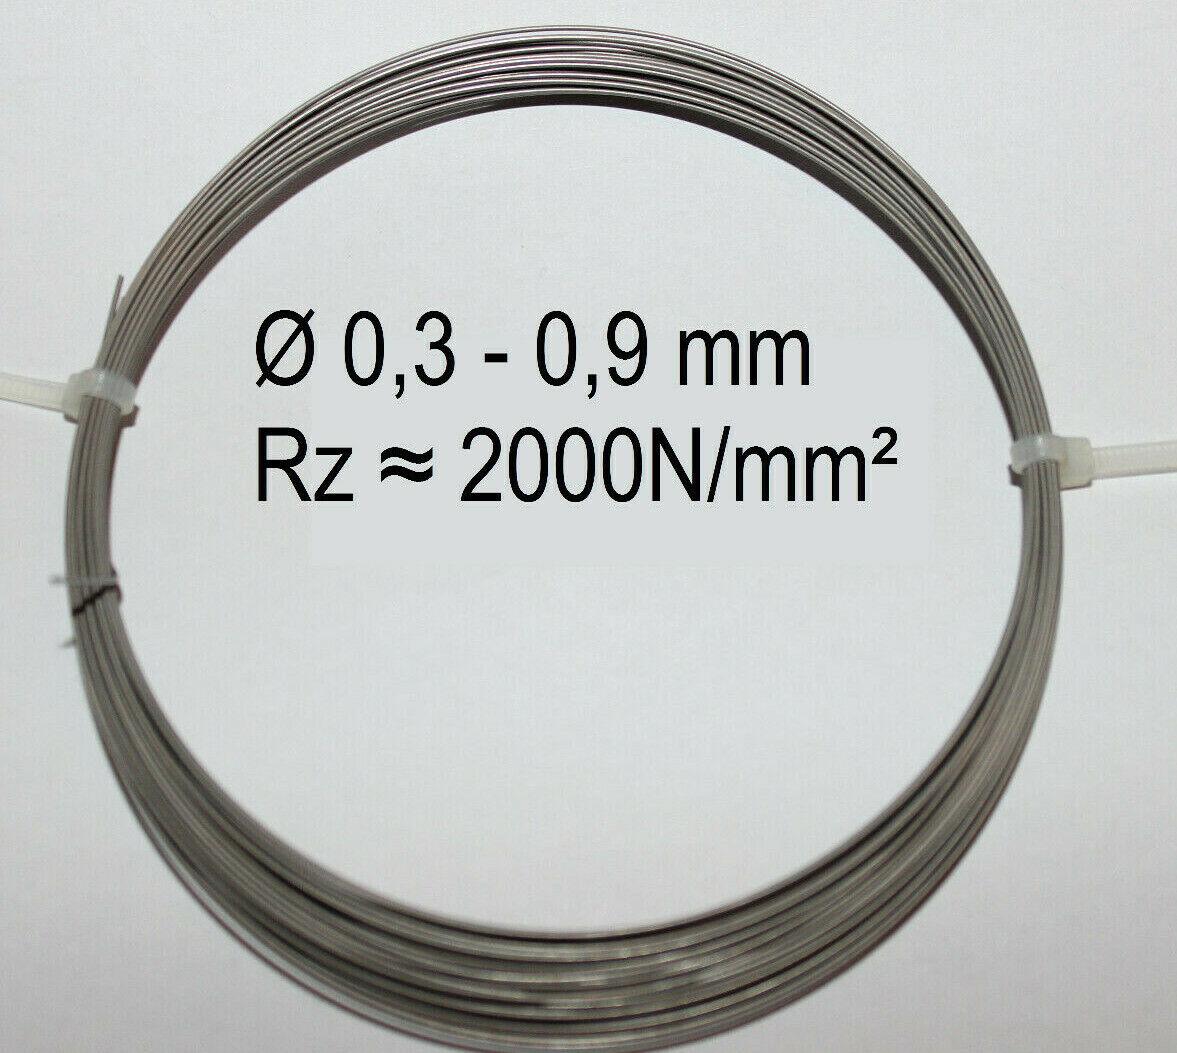 Federstahldraht V2A Edelstahl 0,3-0,9 mm 10-20m Federdraht rostfreier Draht 0,5